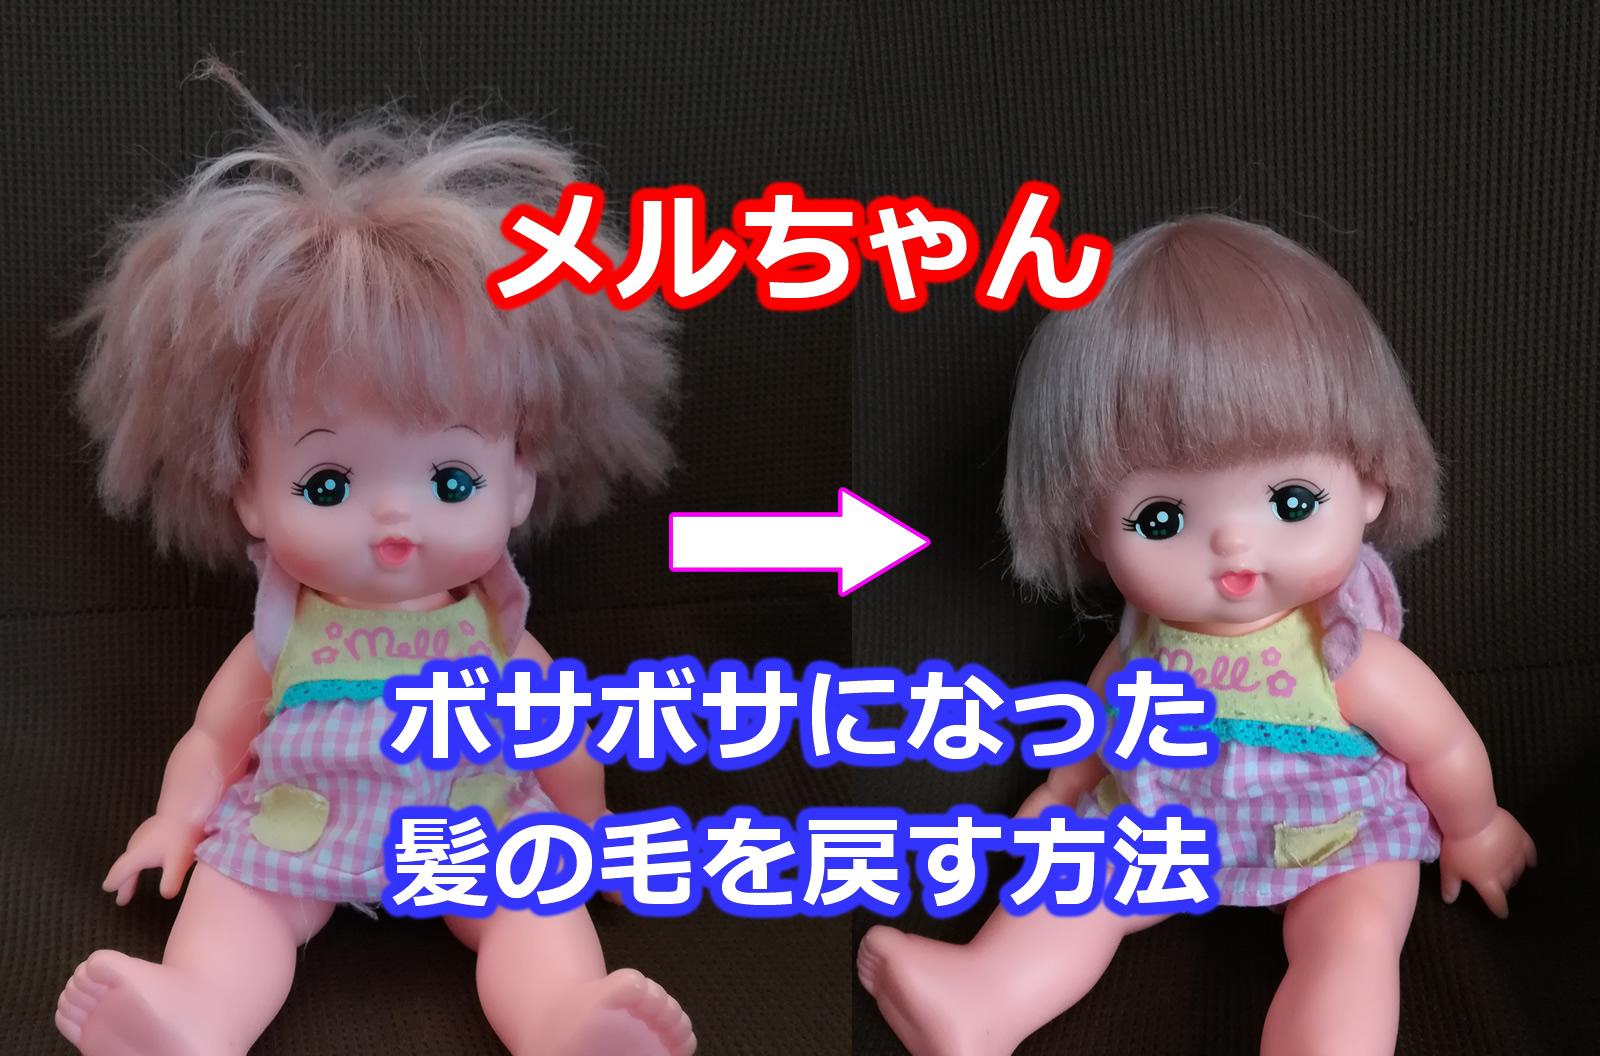 メルちゃんの髪の毛お手入れ方法!ボサボサの髪の毛をサラサラに戻す方法を写真付きで紹介!